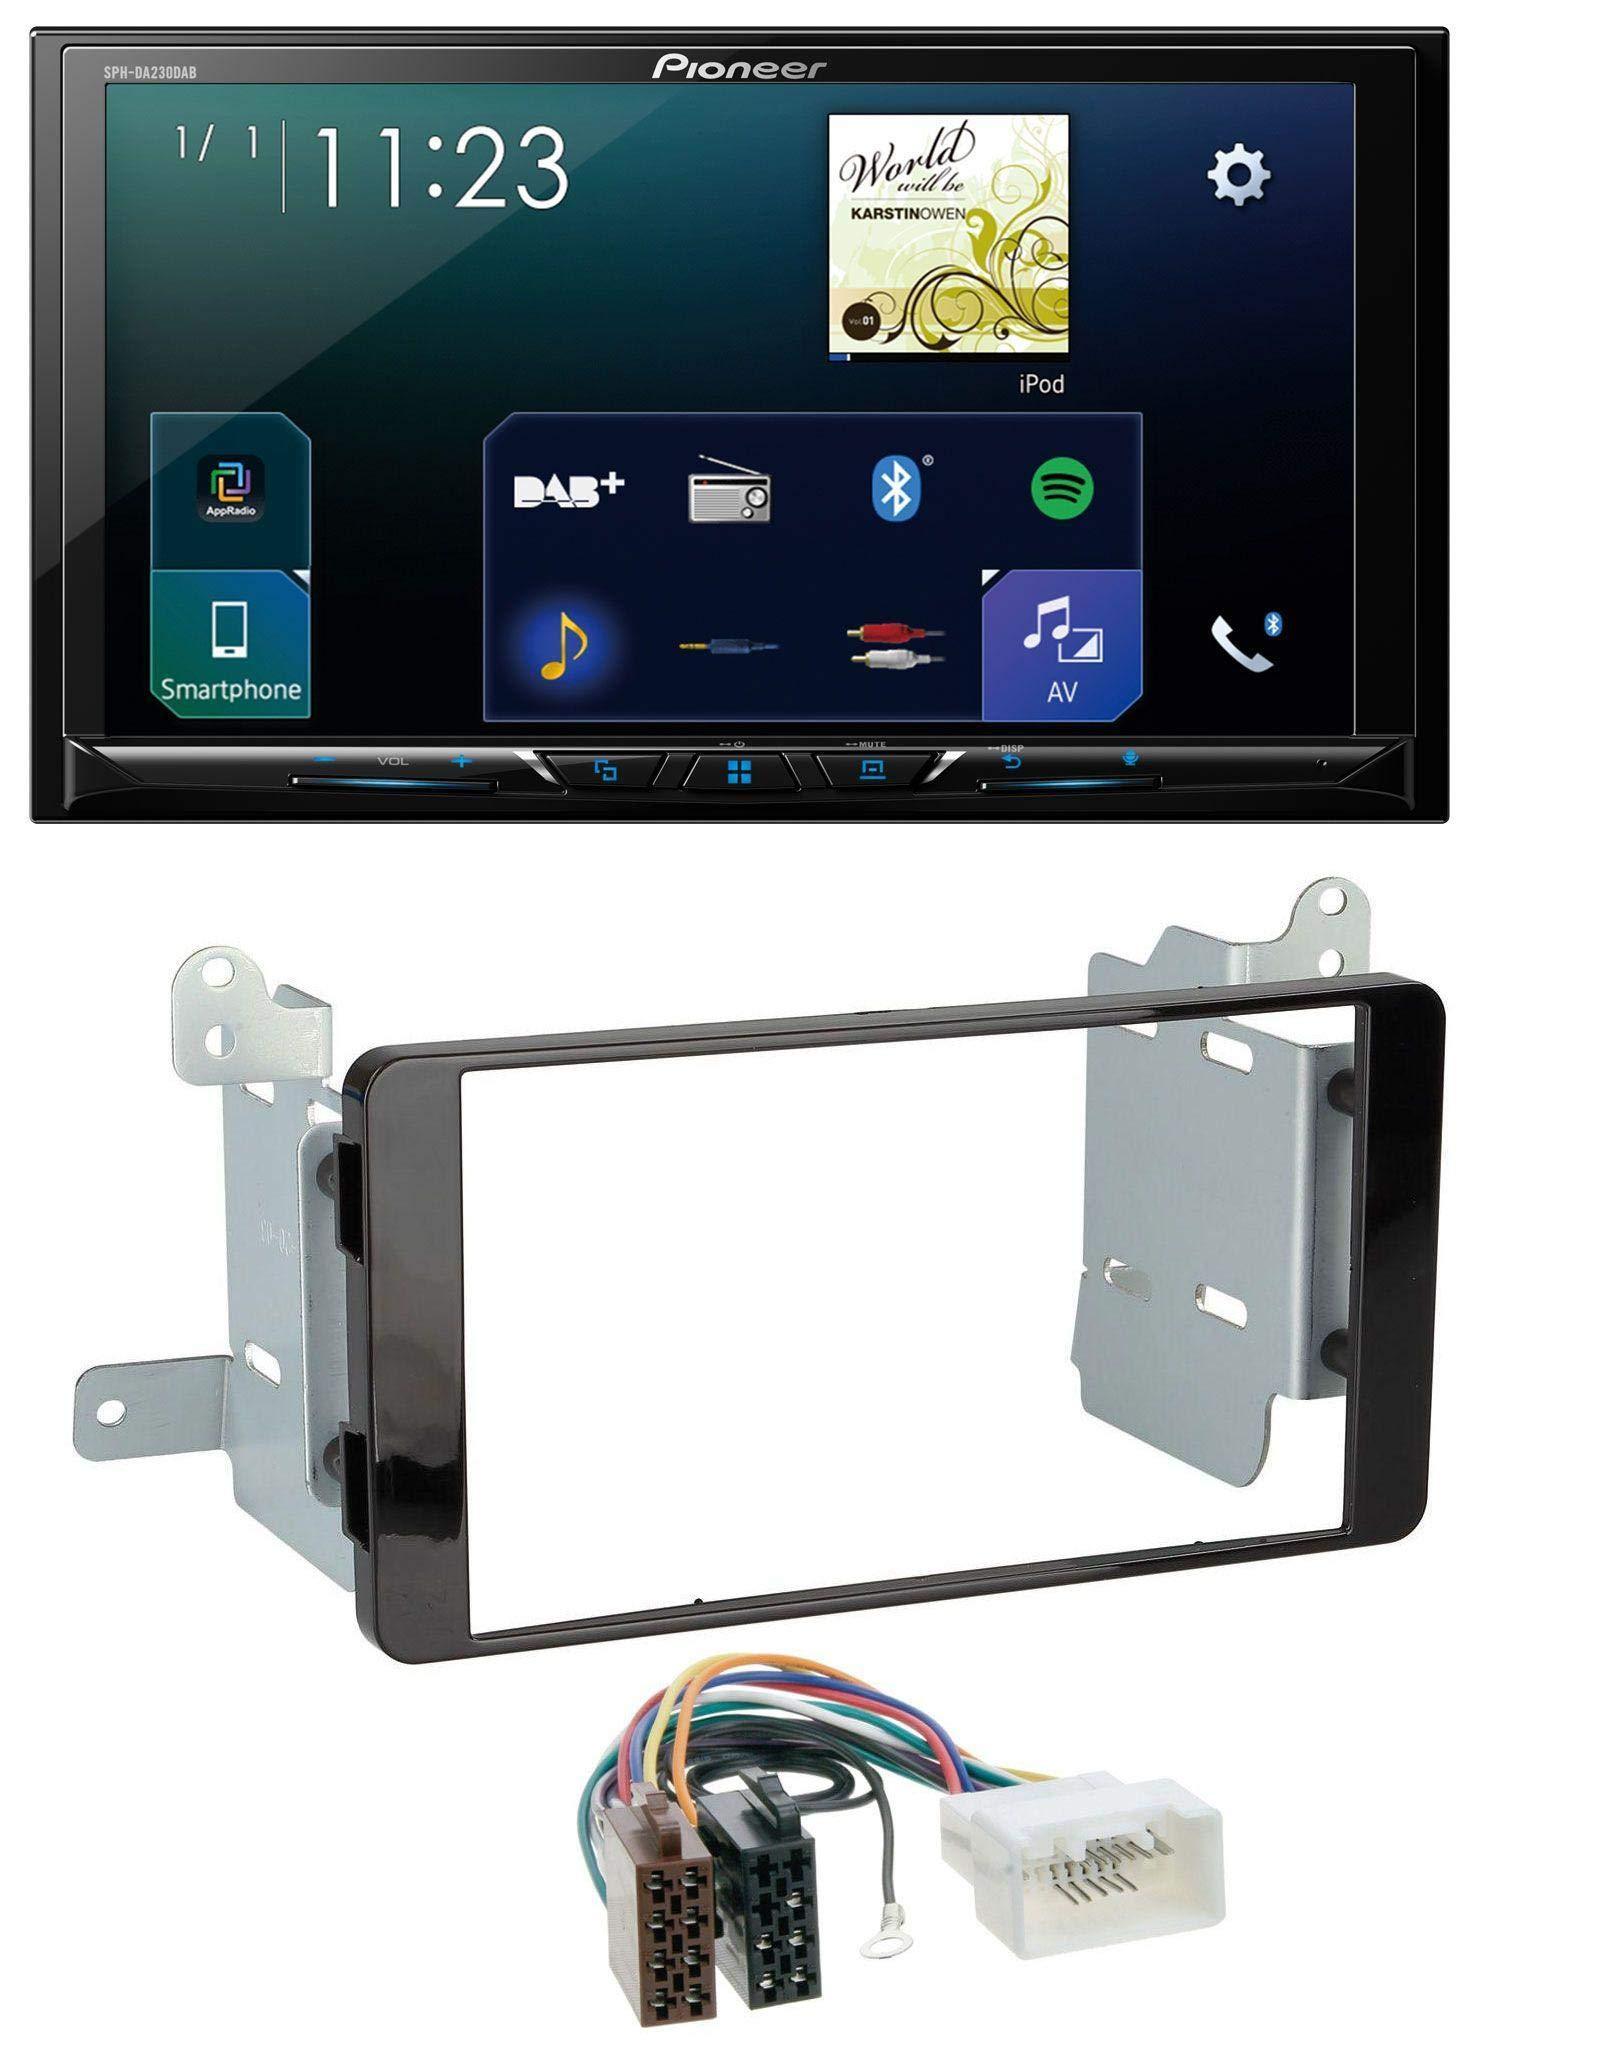 caraudio24-Pioneer-SPH-DA230DAB-MP3-Bluetooth-USB-2DIN-DAB-Autoradio-fr-Mitsubishi-L200-ab-2015